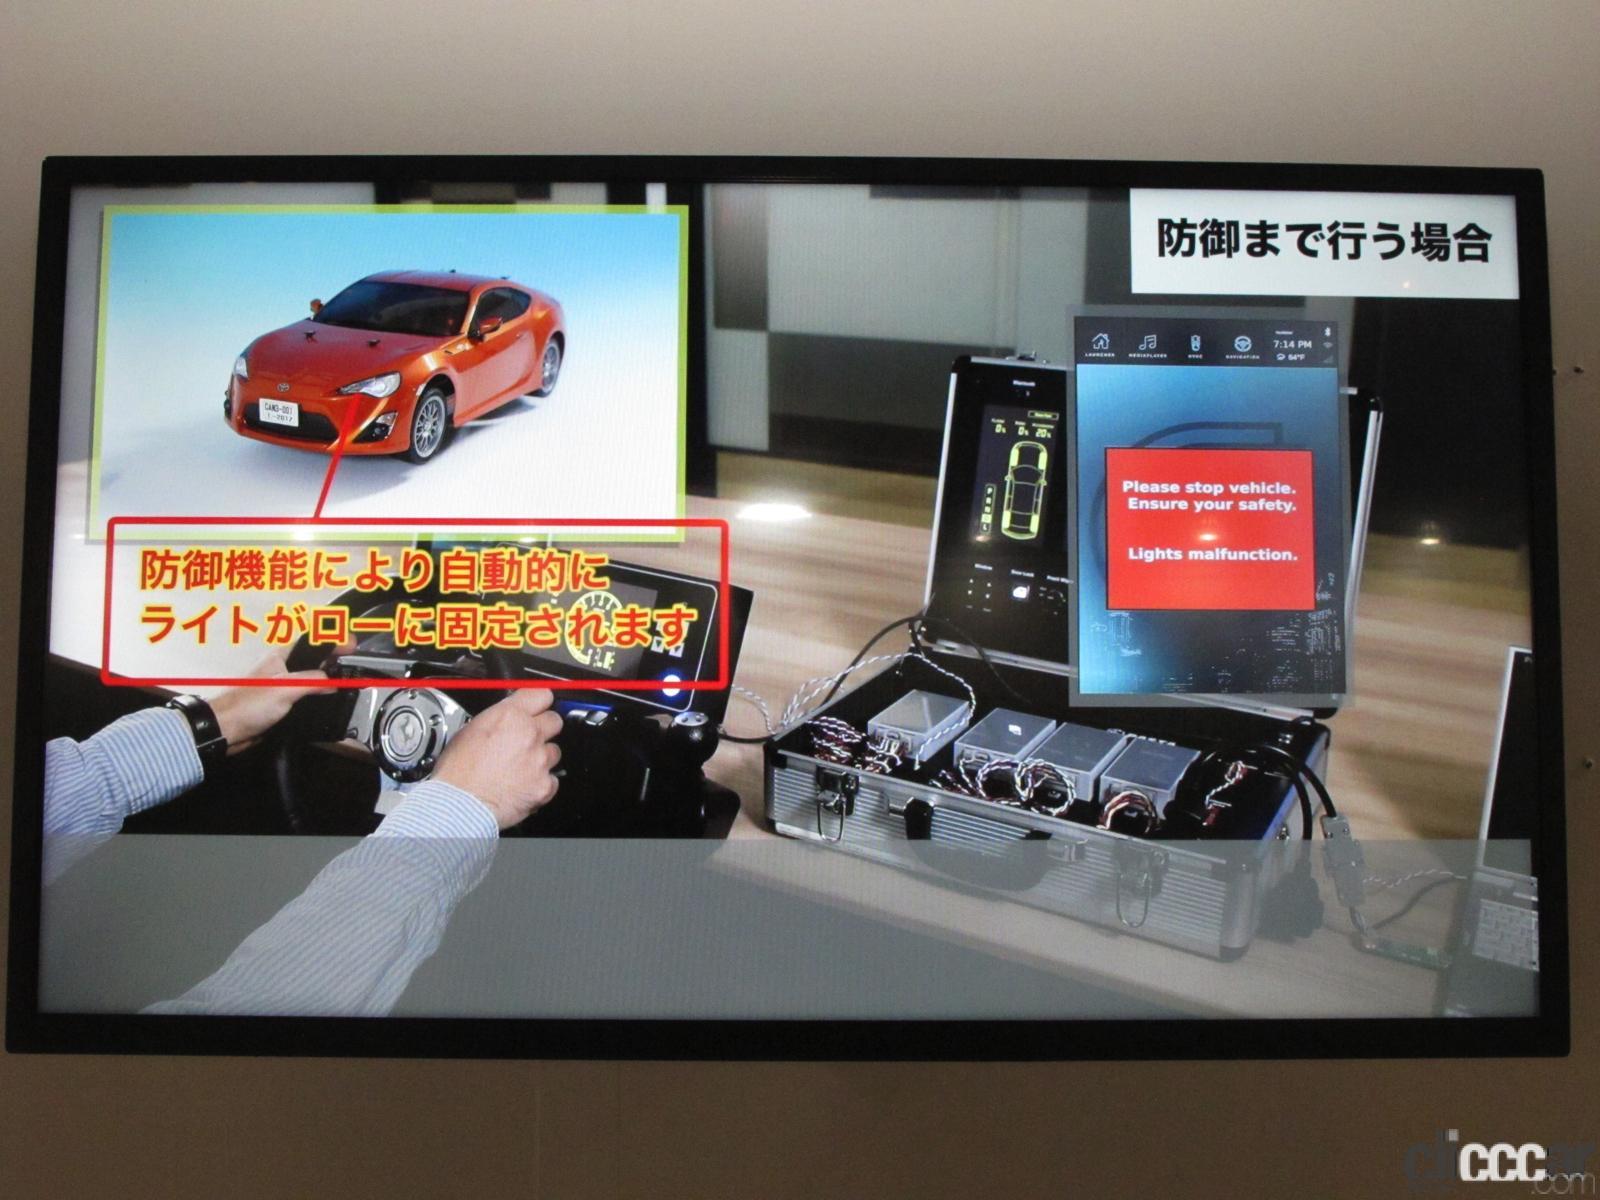 「清水和夫が解説!日本が進める「自動運転の今」はどんな技術で、どう使うのか?【SIP第2期 自動運転 中間成果発表会】」の14枚目の画像